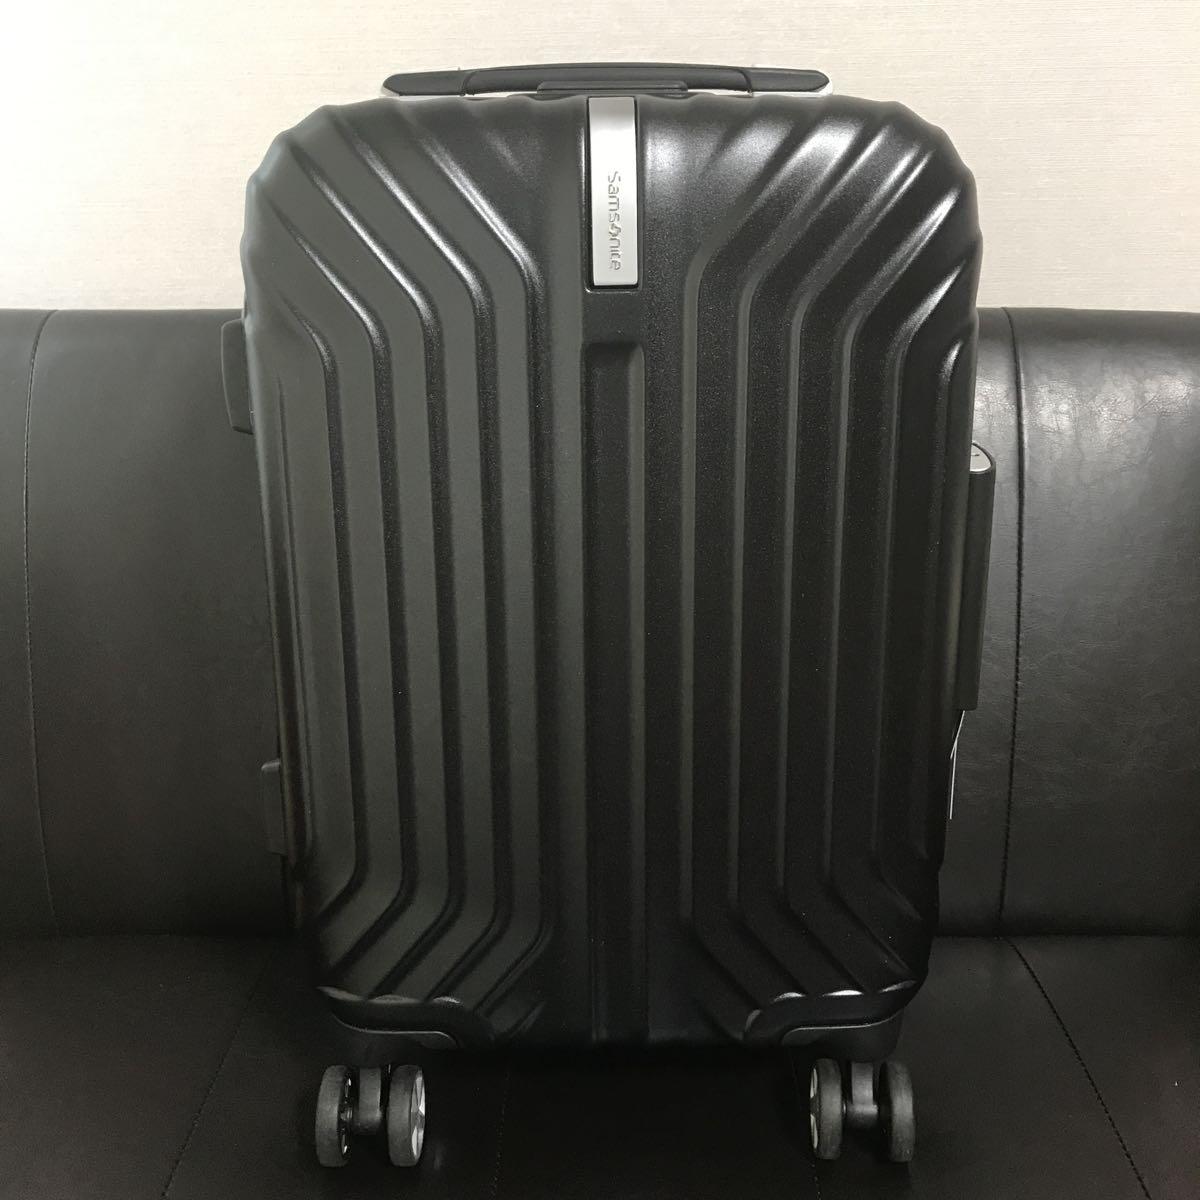 f0098aa297 【新品未使用品】 SAMSONITE サムソナイト スーツケース トゥルーフレーム スピナー55 32L 3.4kg 機内持込可 I00*51004  TRU-FRAME ブラック